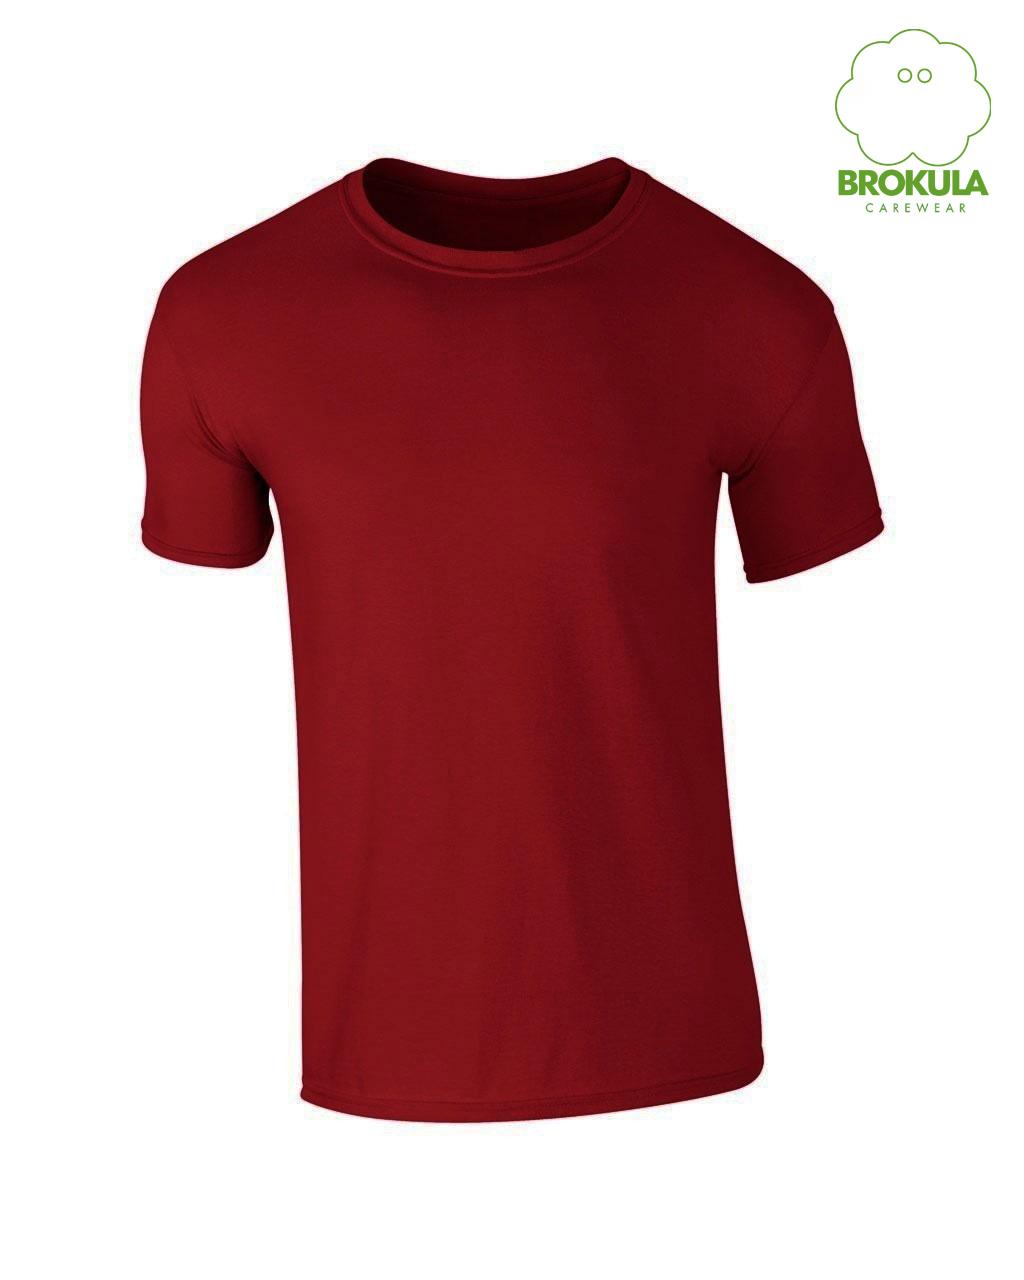 Muška majica kratki rukav BROKULA VIS, crvena